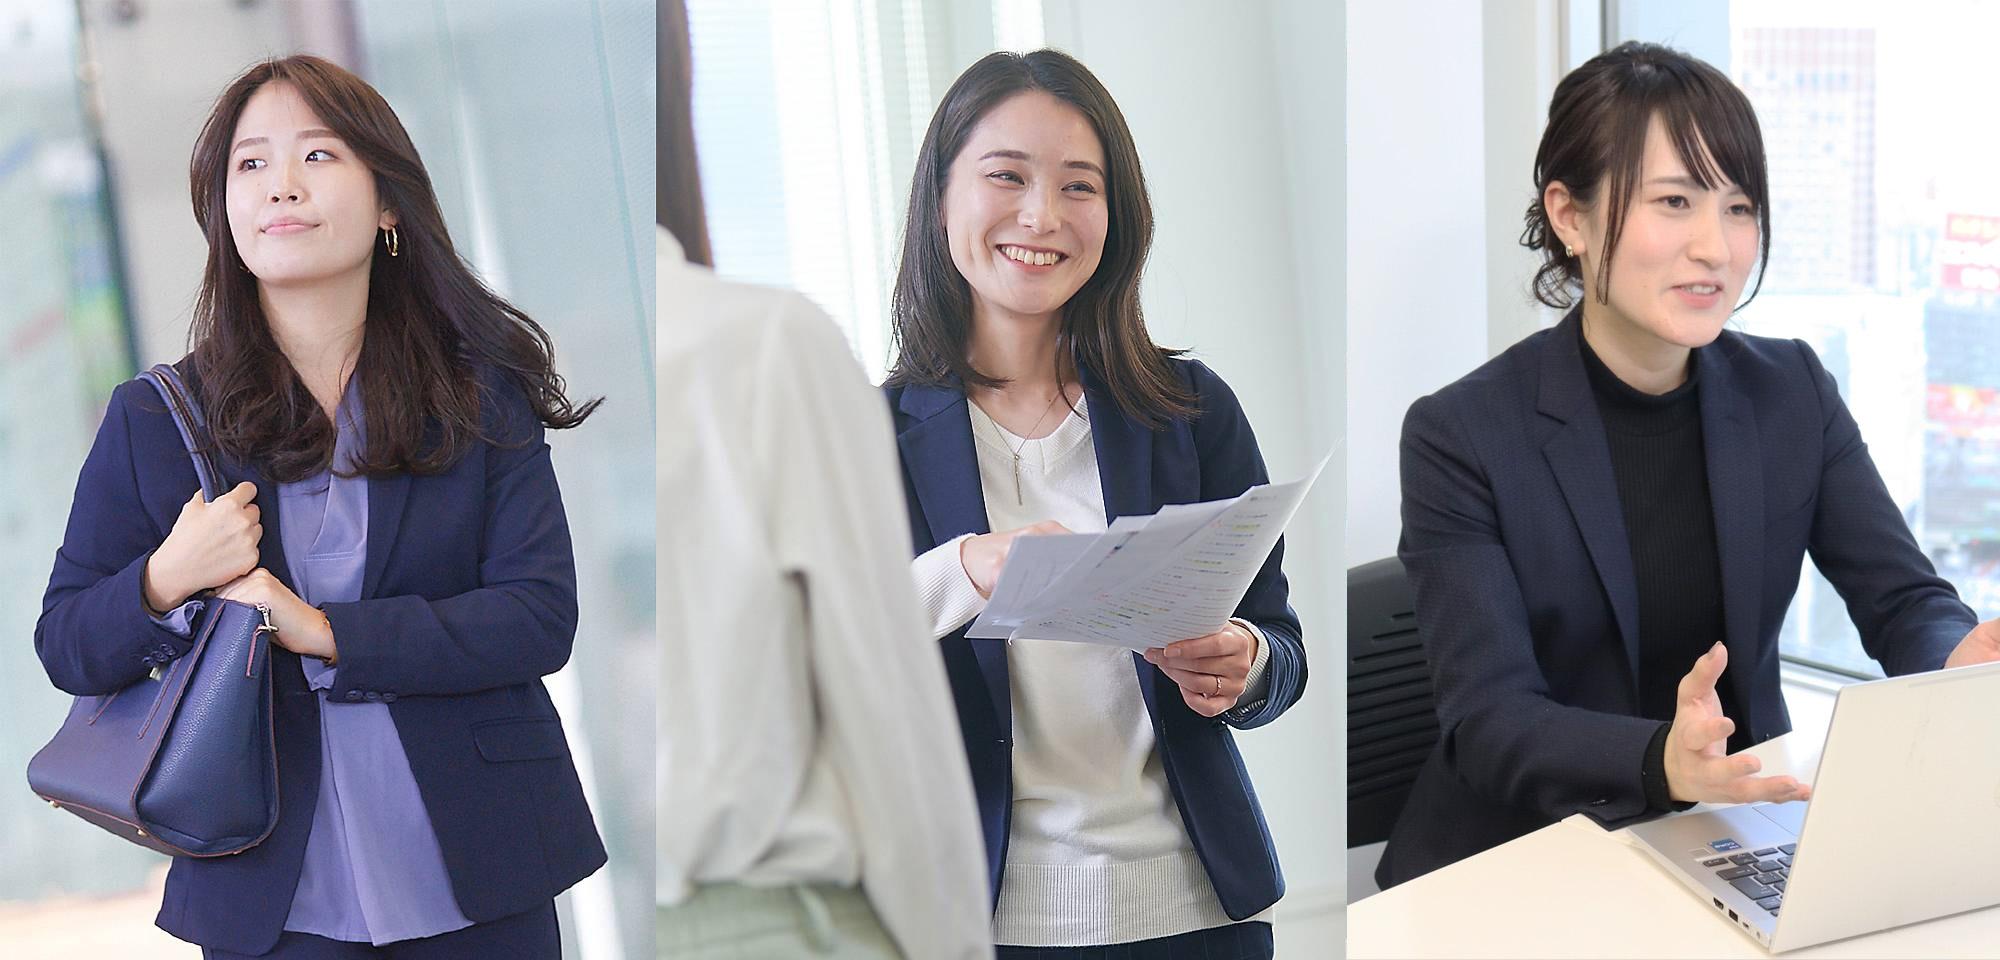 女性のキャリアサポート